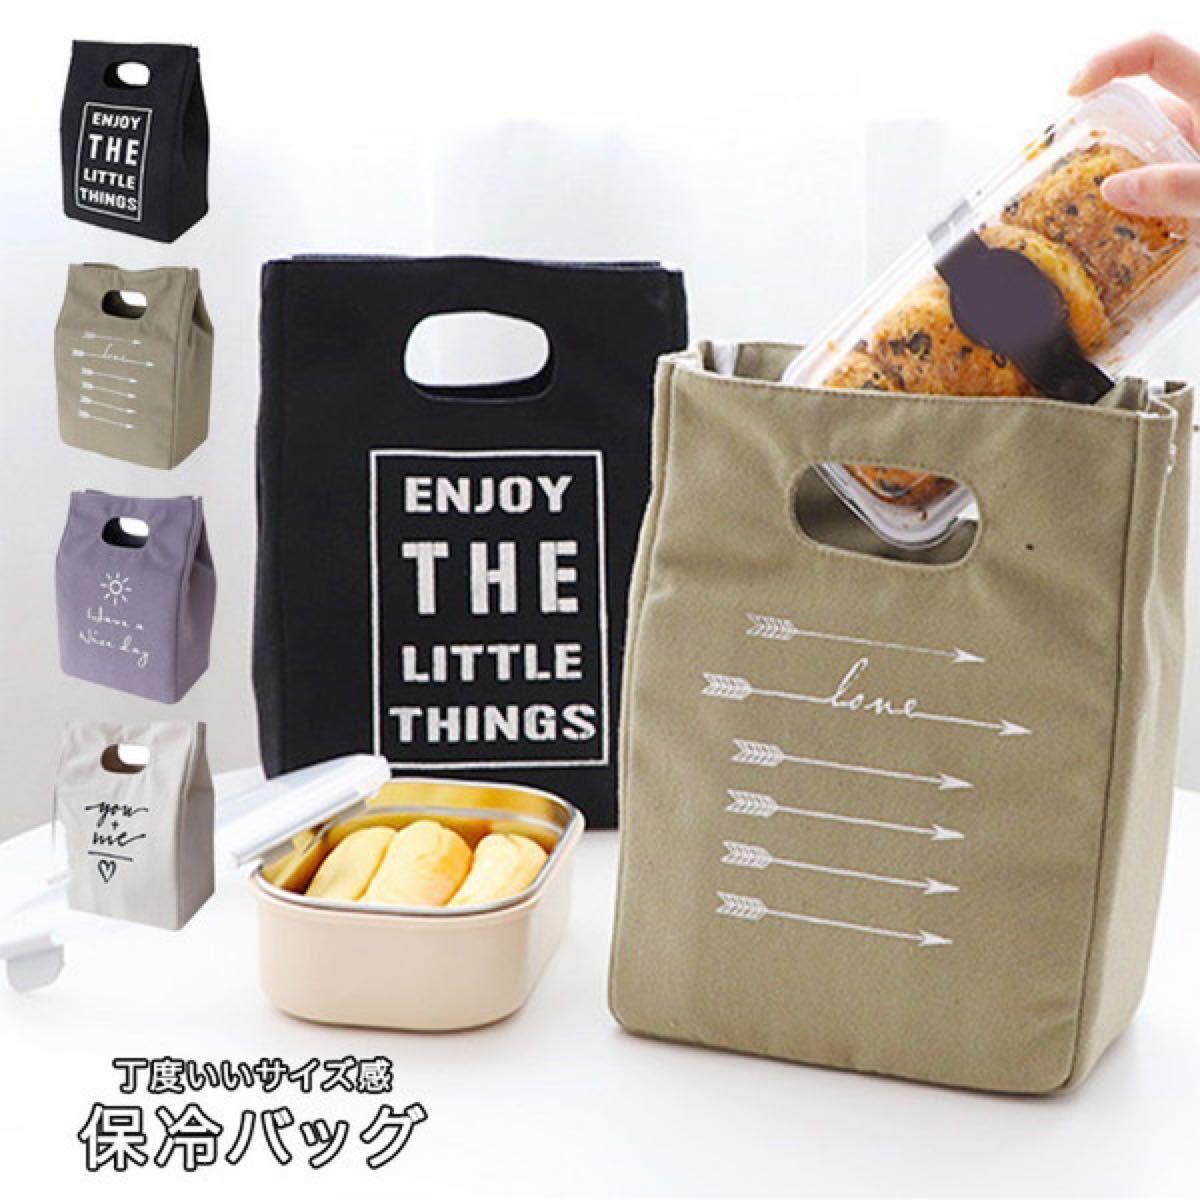 保冷バッグ 保冷ミニバッグ ランチバッグ 保冷 お弁当 ドリンク ペットボトル カーキ  エコバッグ